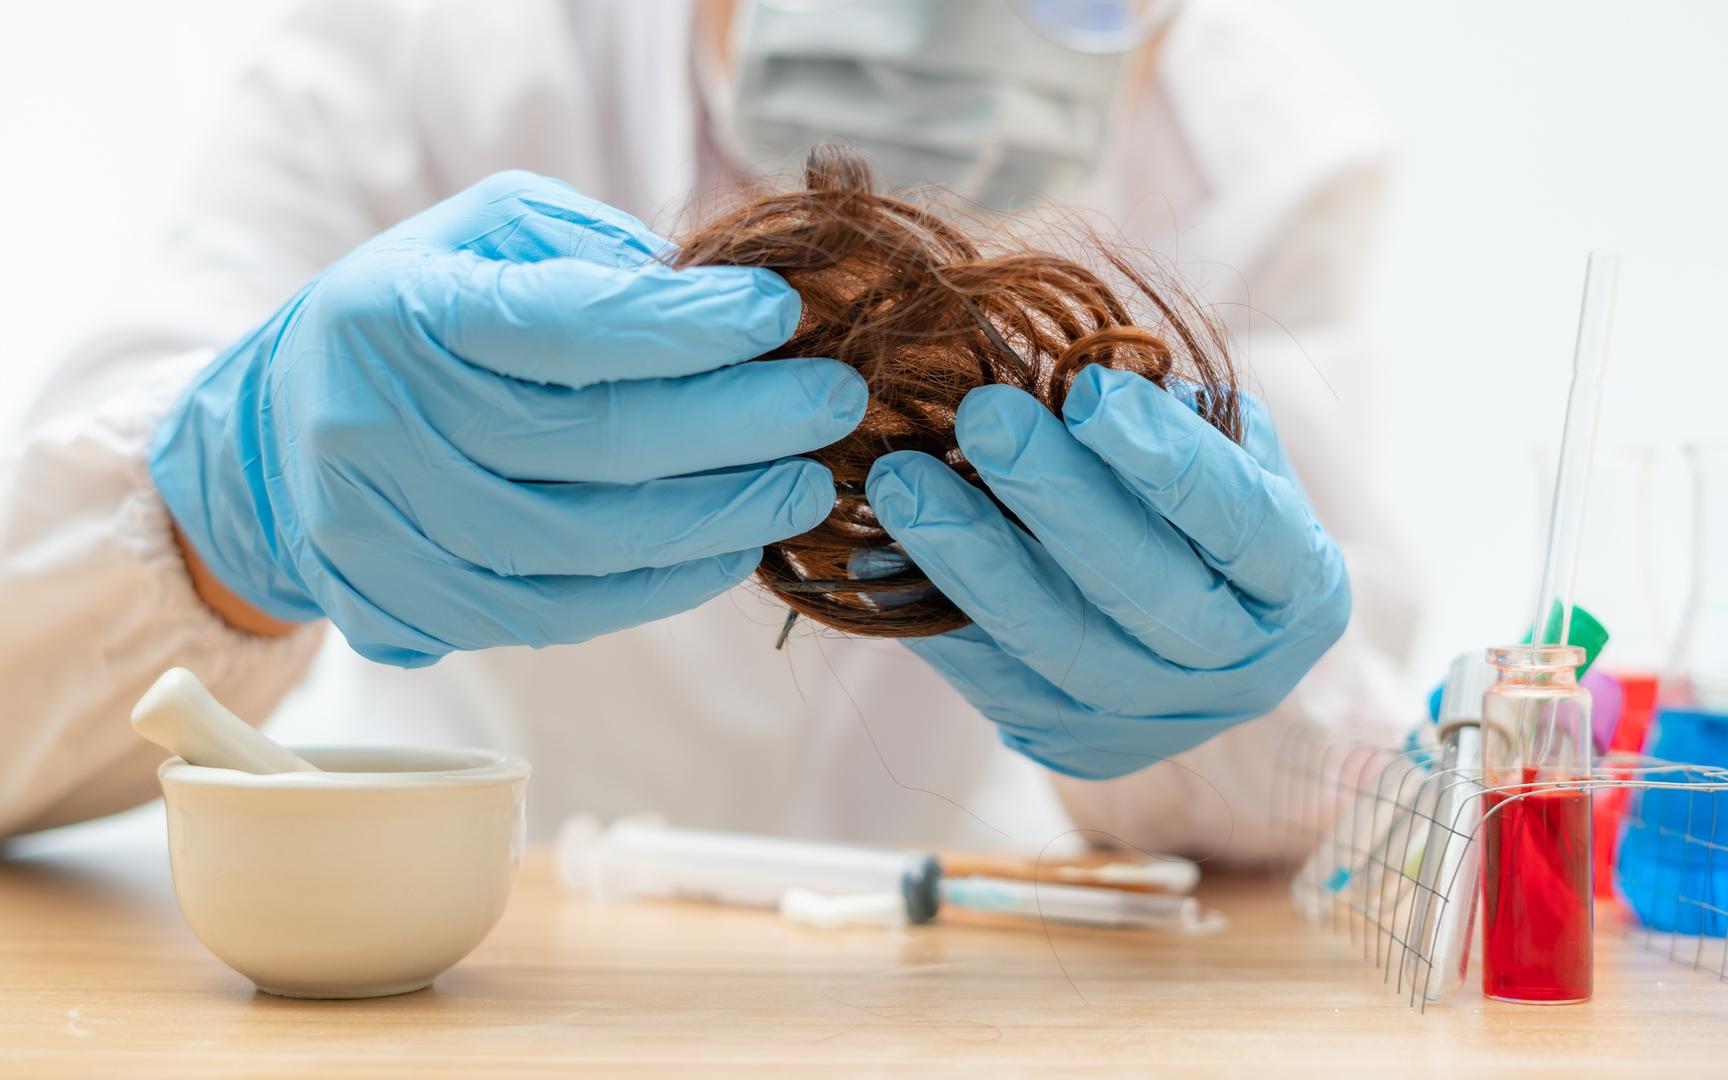 تساقط الشعر يضاف إلى الآثار الجانبية طويلة الأمد لـ